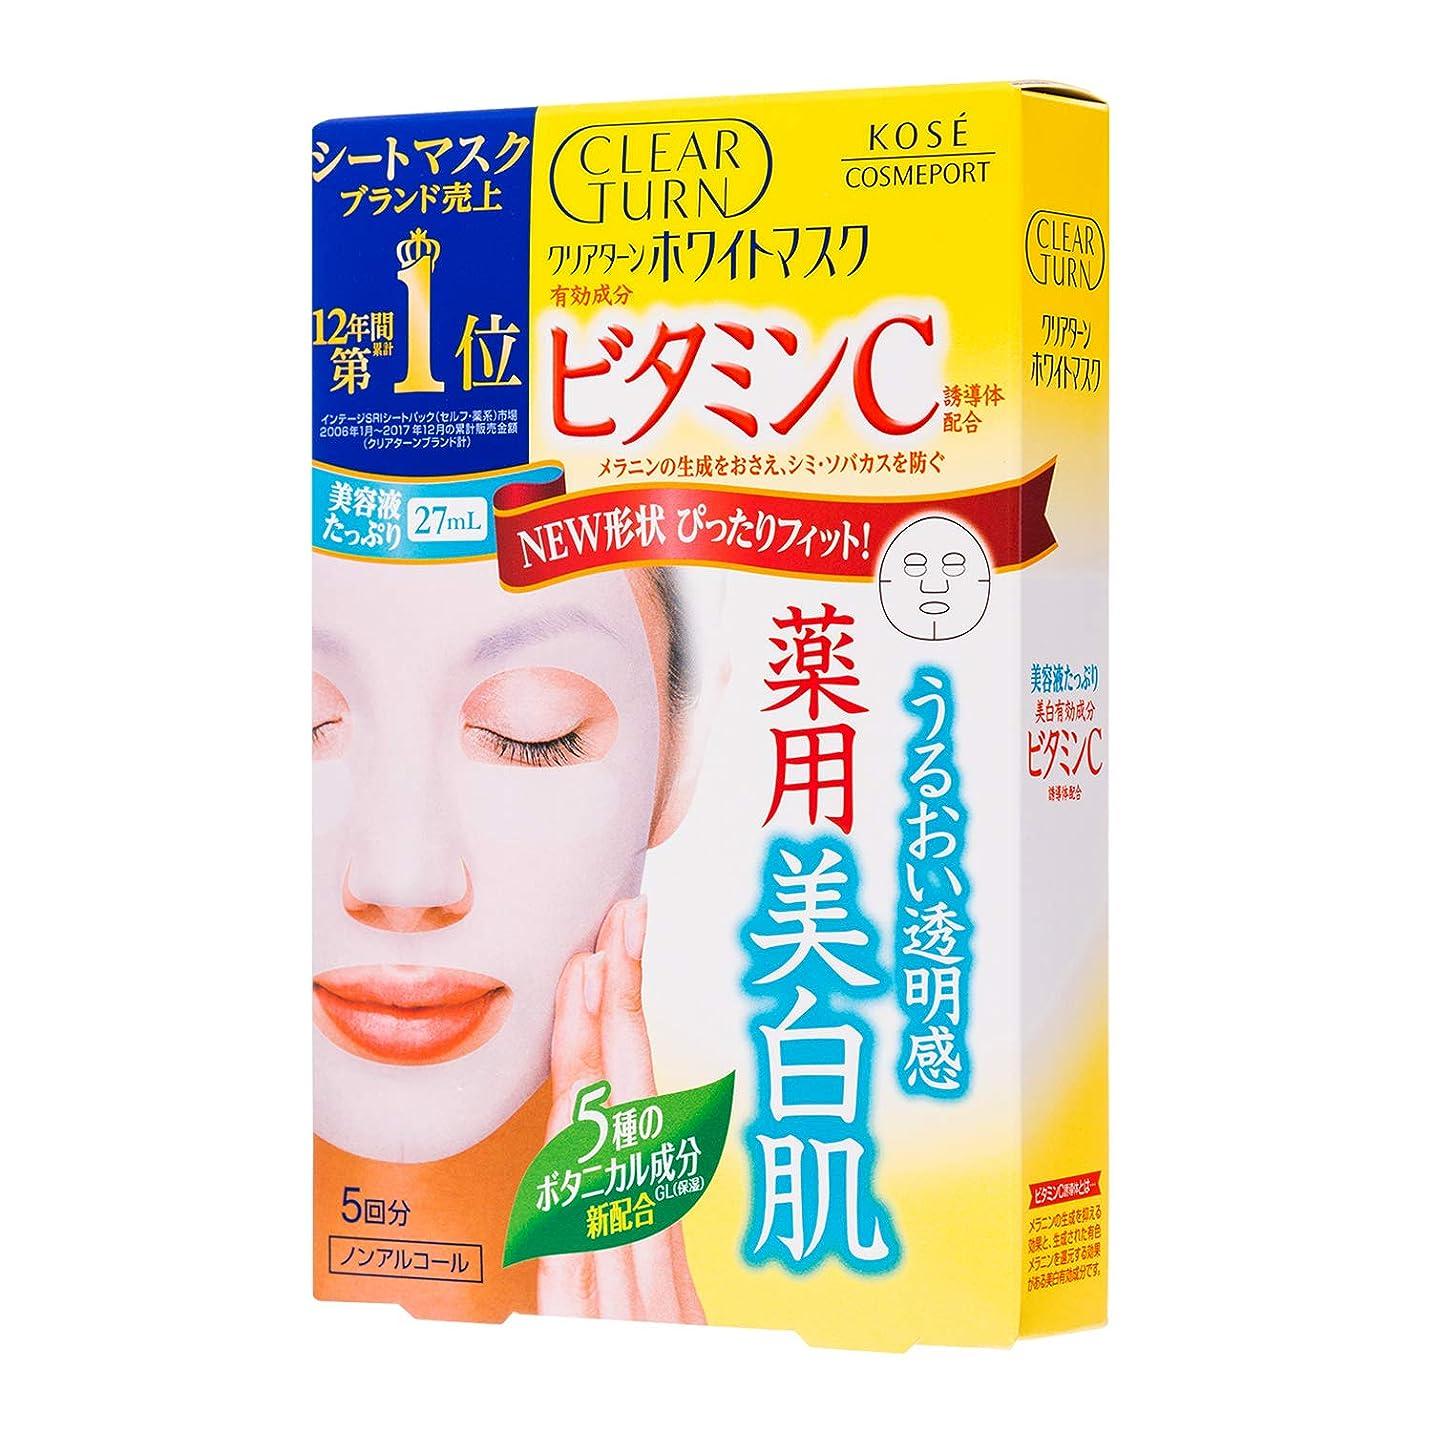 パントリーあご質量KOSE クリアターン ホワイト マスク VC c (ビタミンC) 5回分 (22mL×5)